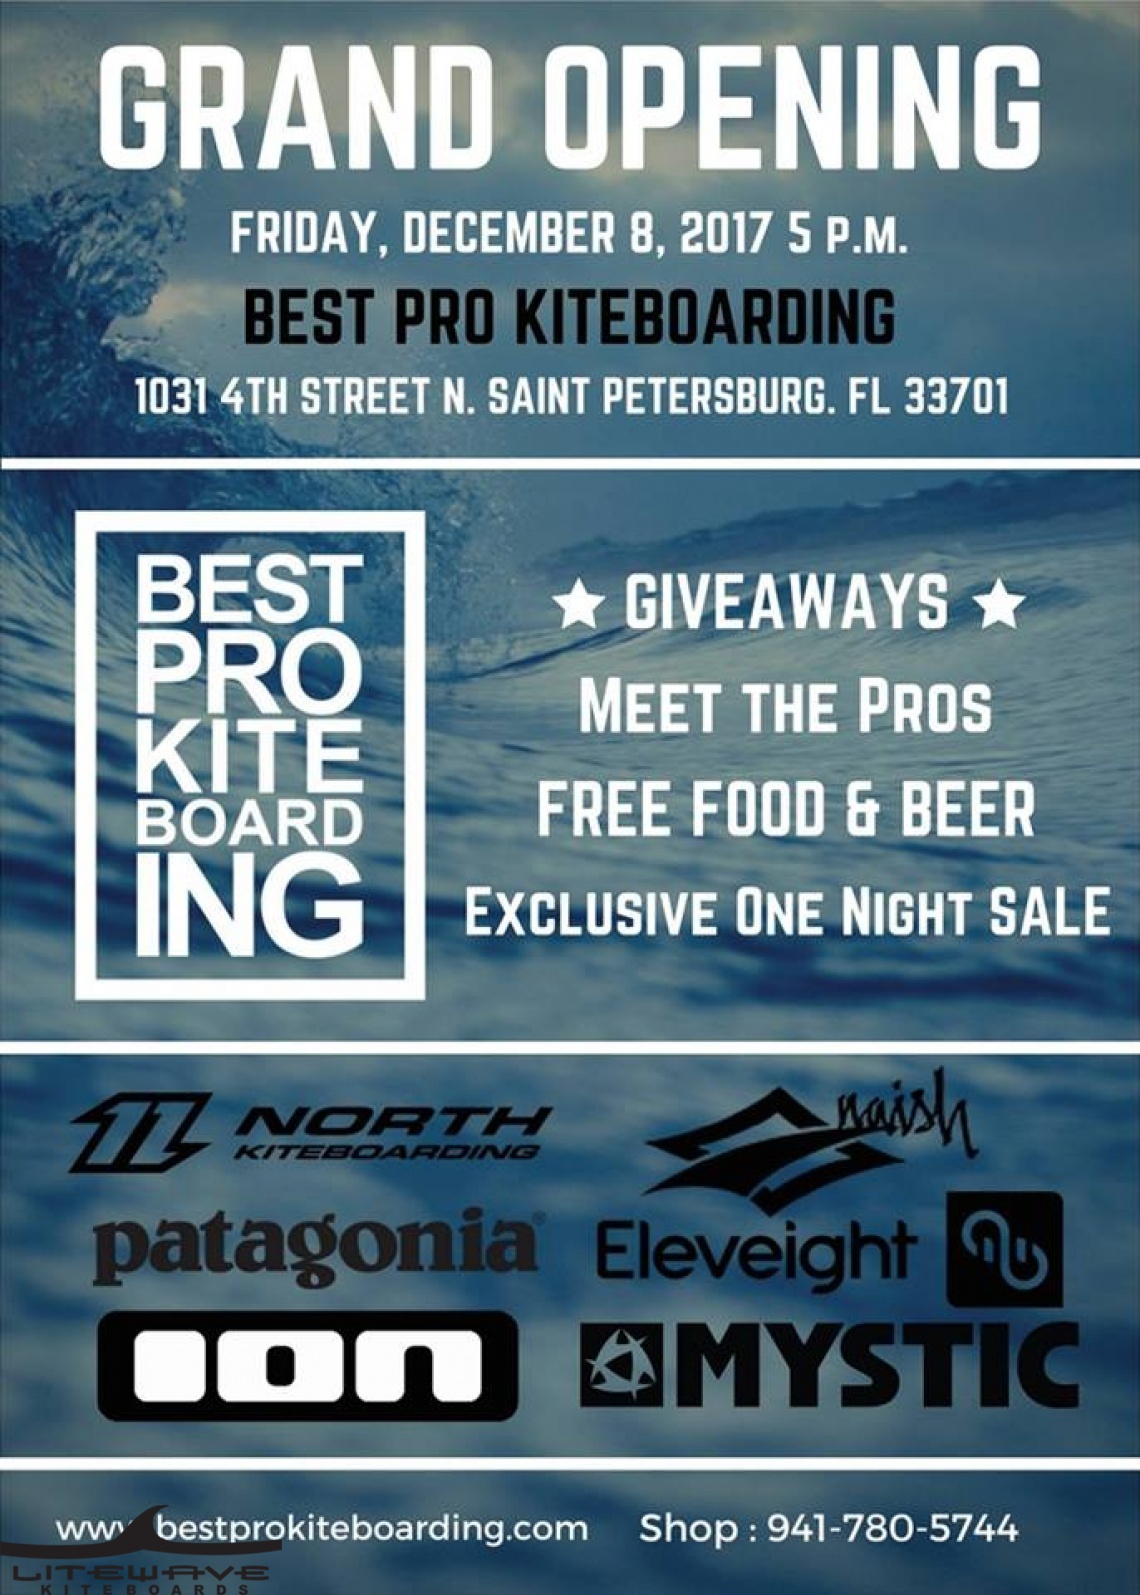 Best Pro Kiteboarding Grand Opening- St. Pete!